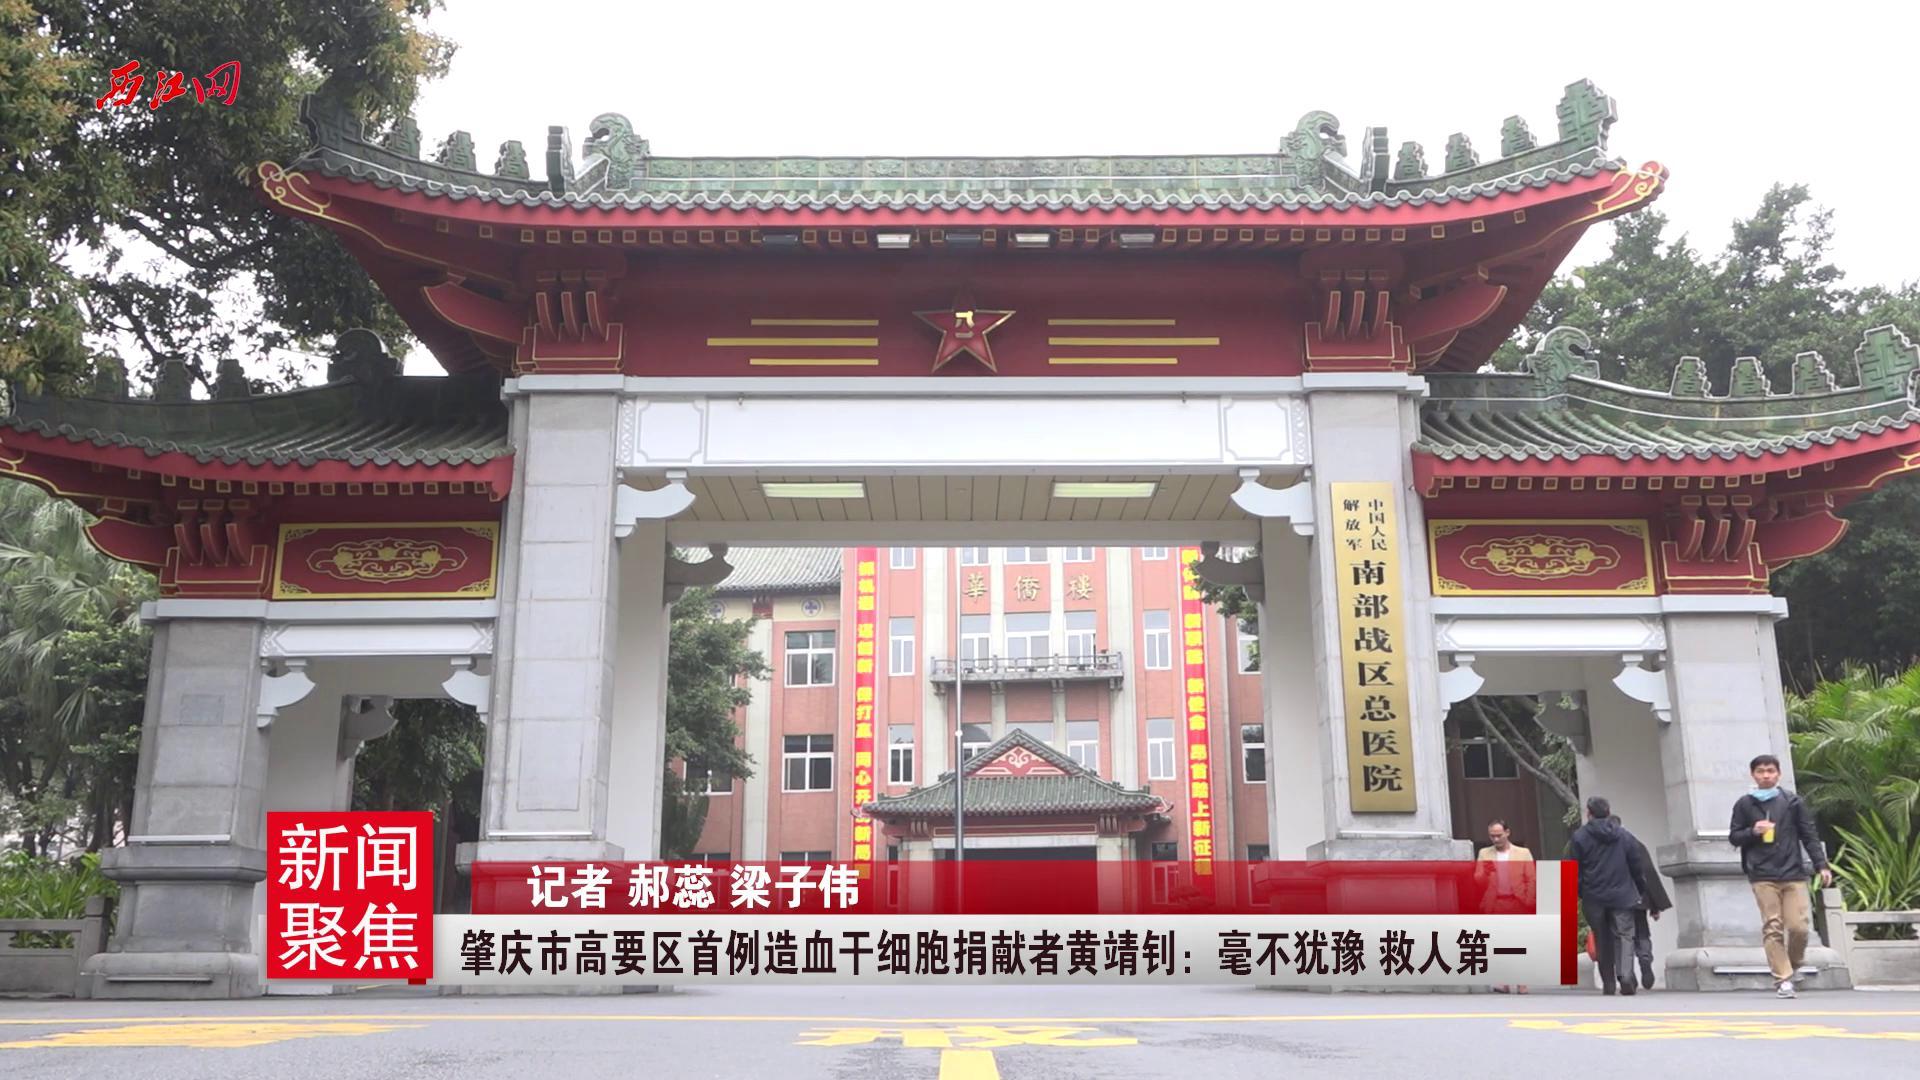 肇庆市高要区首例造血干细胞捐献者黄靖钊 毫不犹豫 救人第一